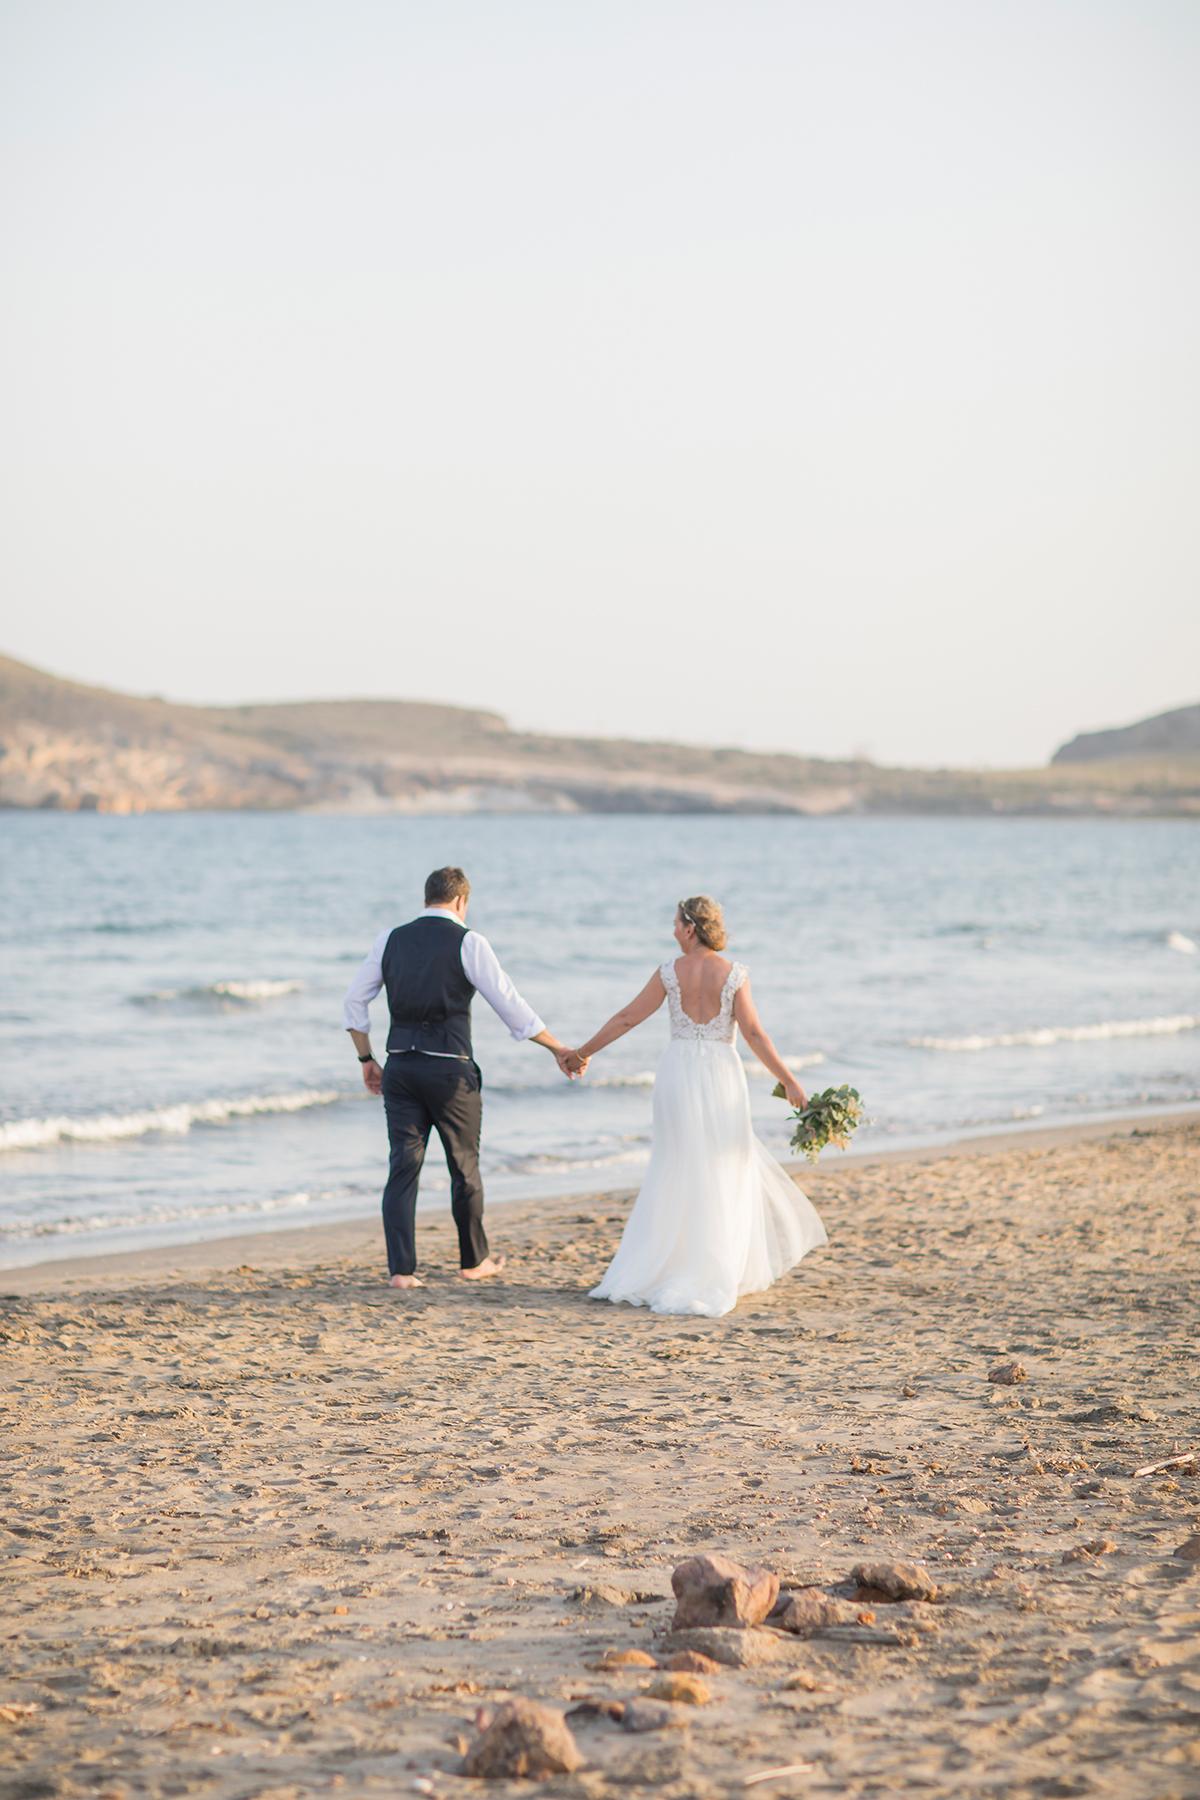 Hochzeit am Strand, Brautpaar Strand